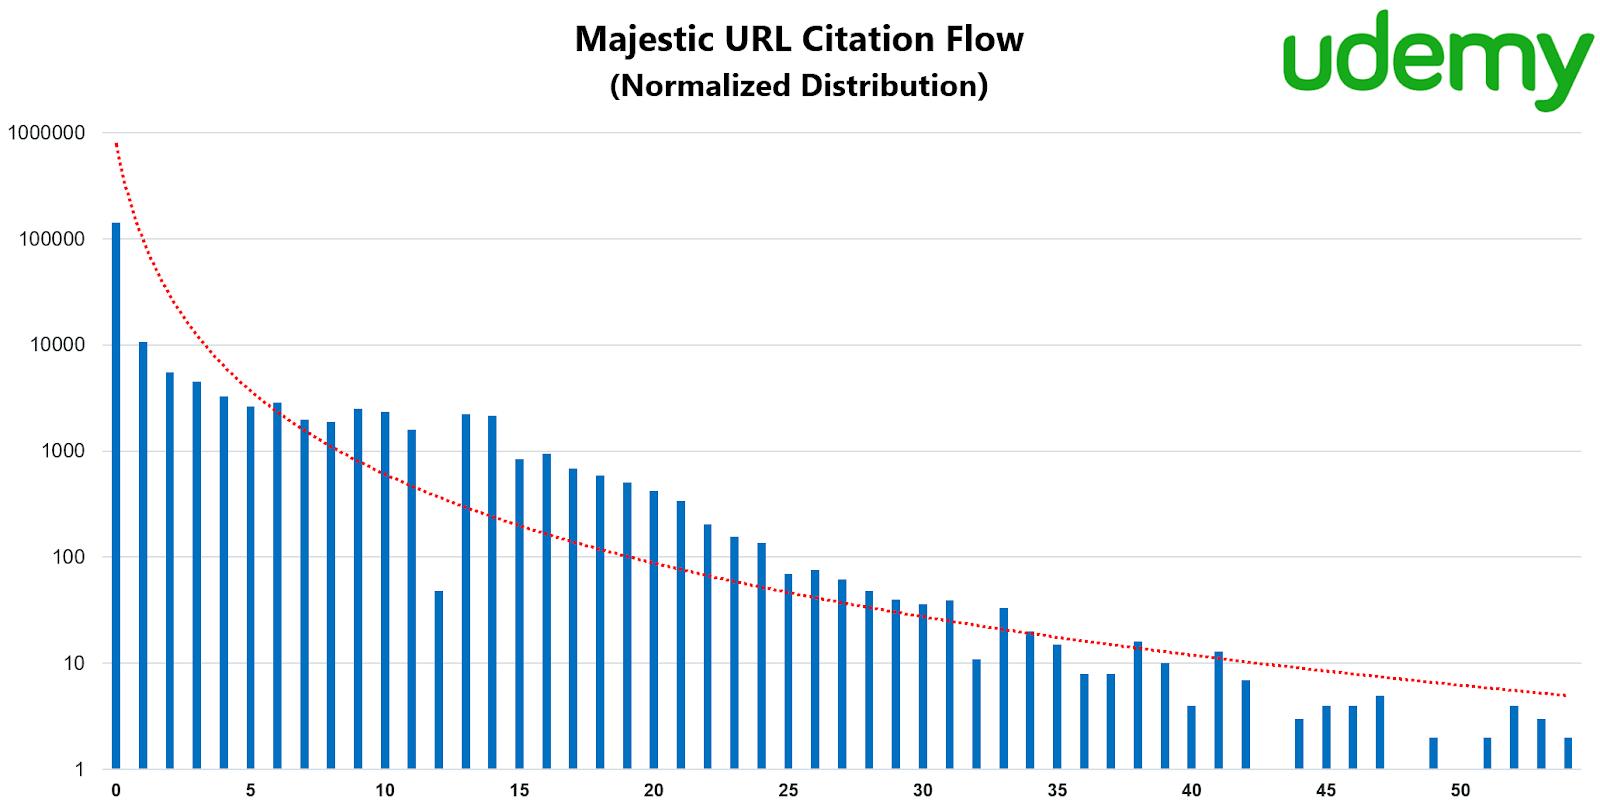 Majestic URL Citation Flow